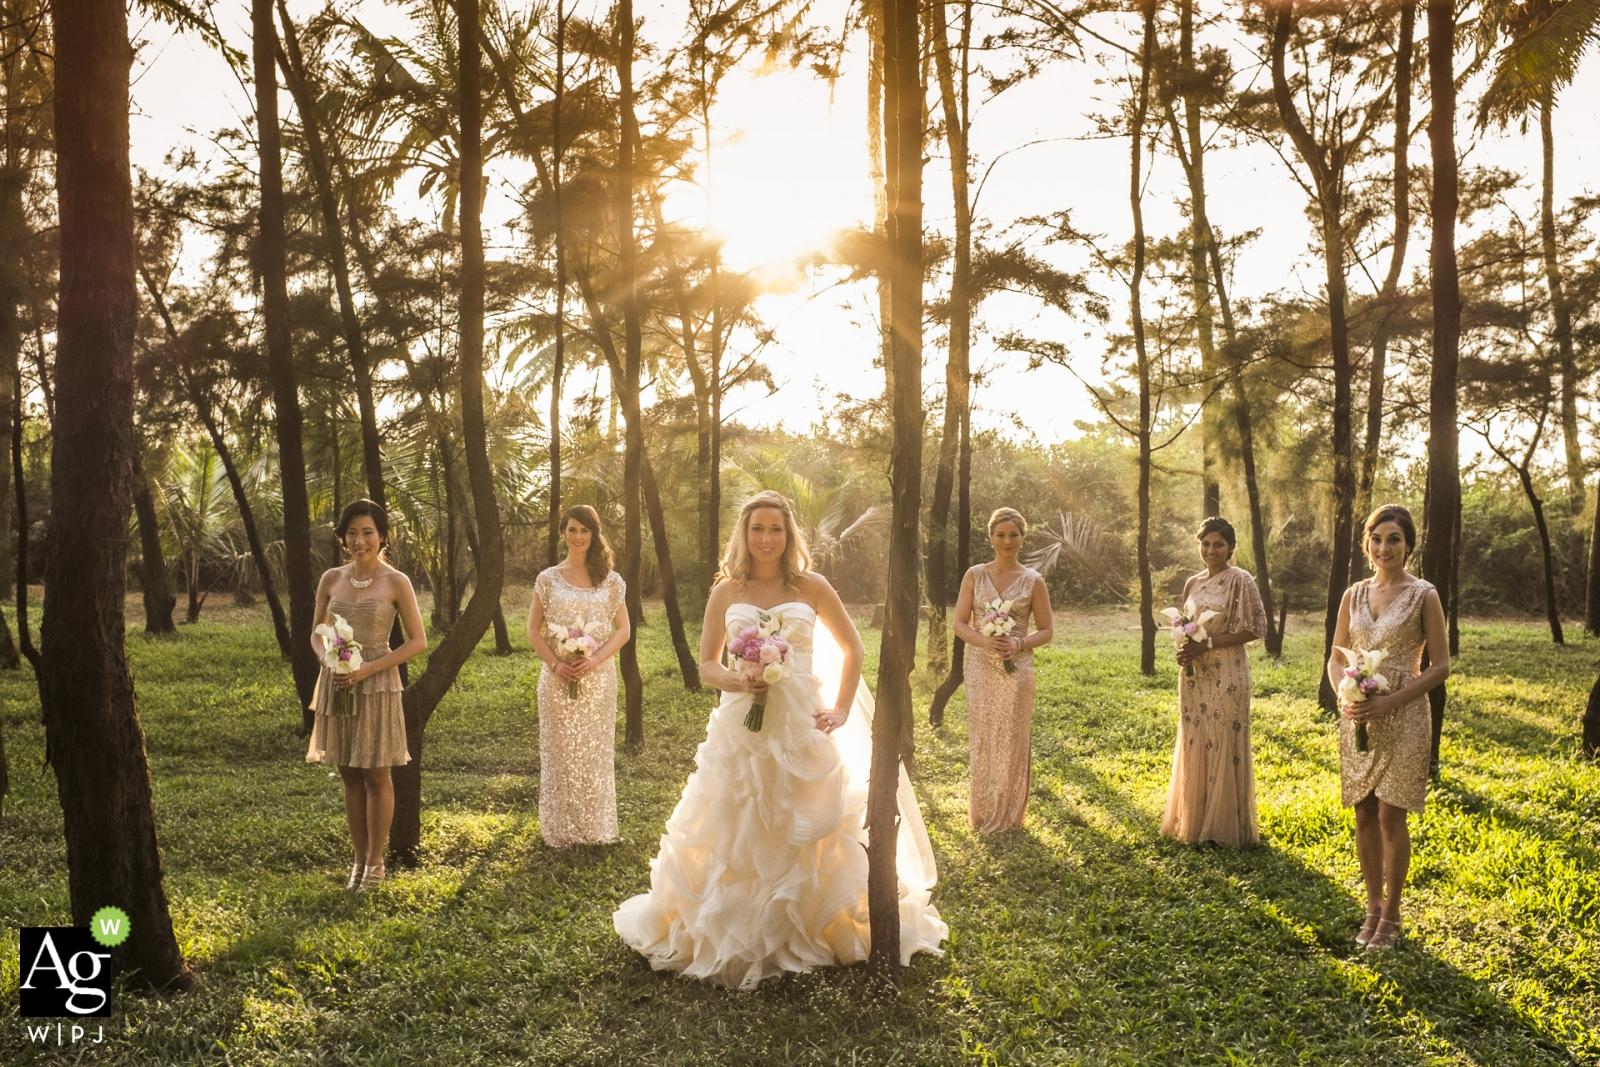 Photographie de mariage à Goa - Mariage / demoiselles d'honneur avec photo de la mariée dans les arbres sur l'herbe